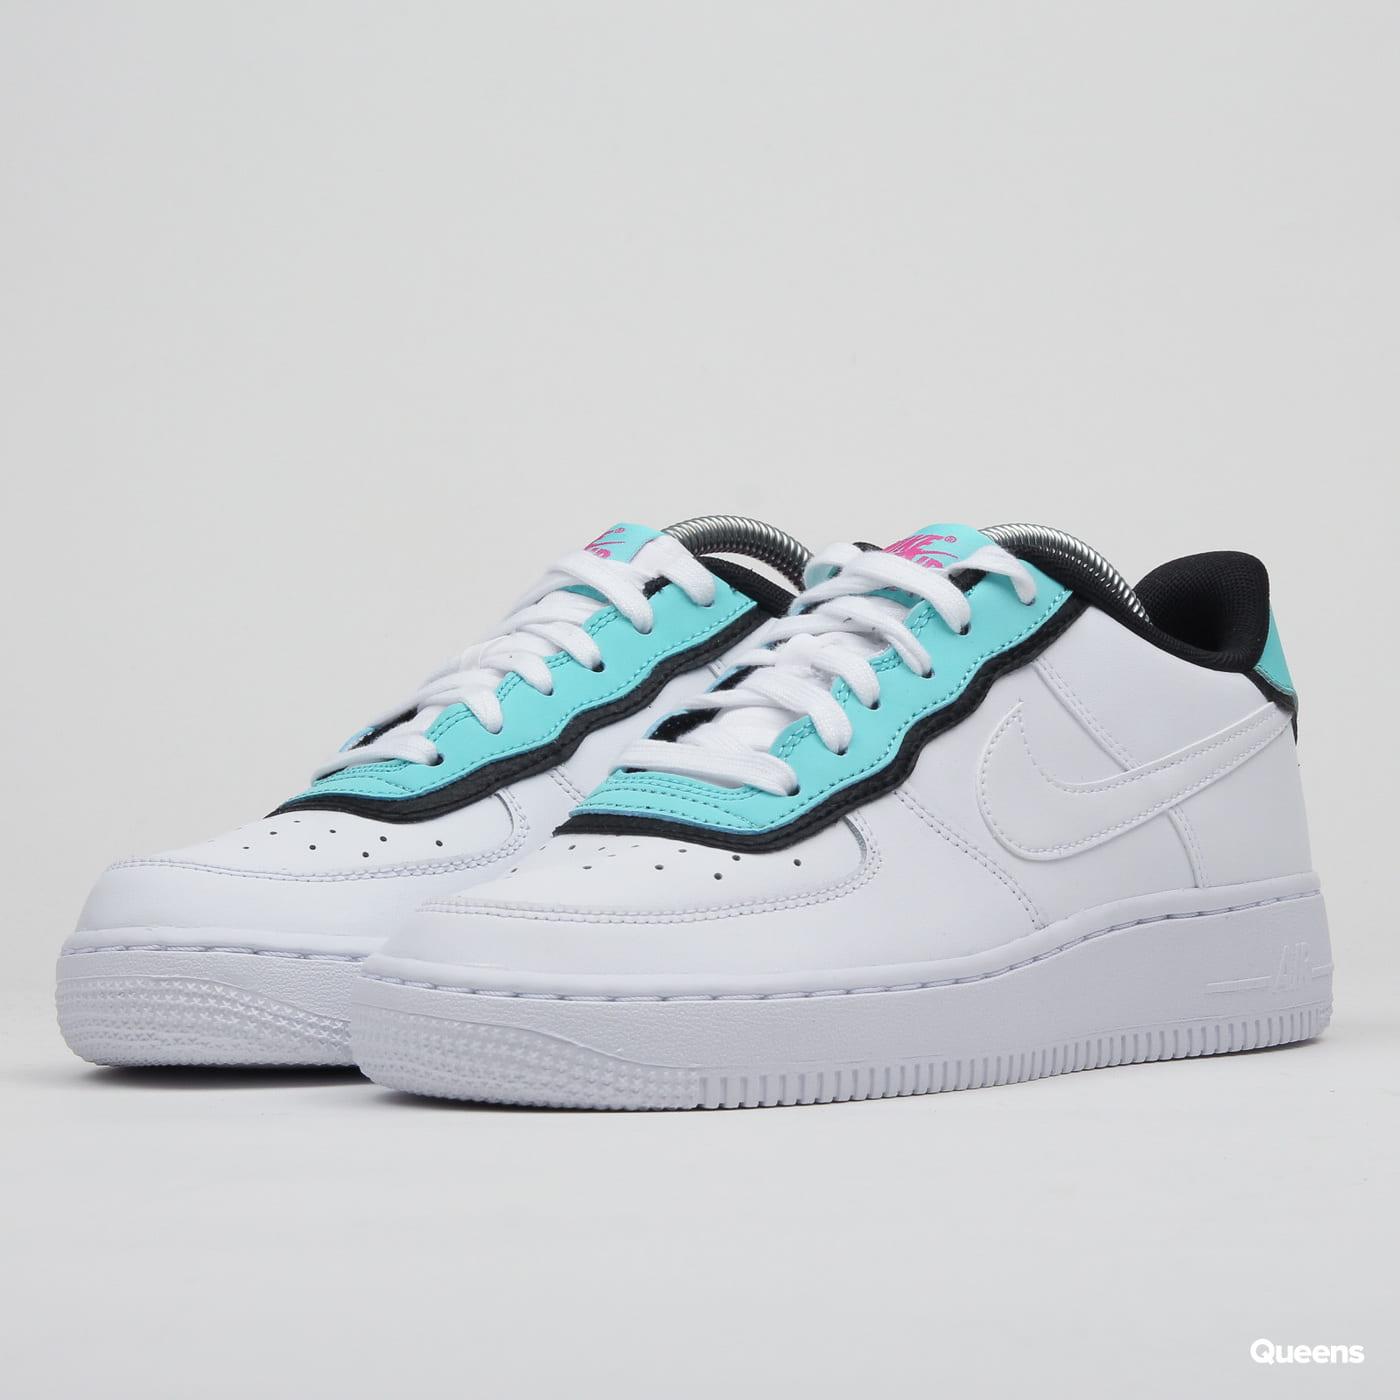 Nike Air Force 1 LV8 1 DBL GS white